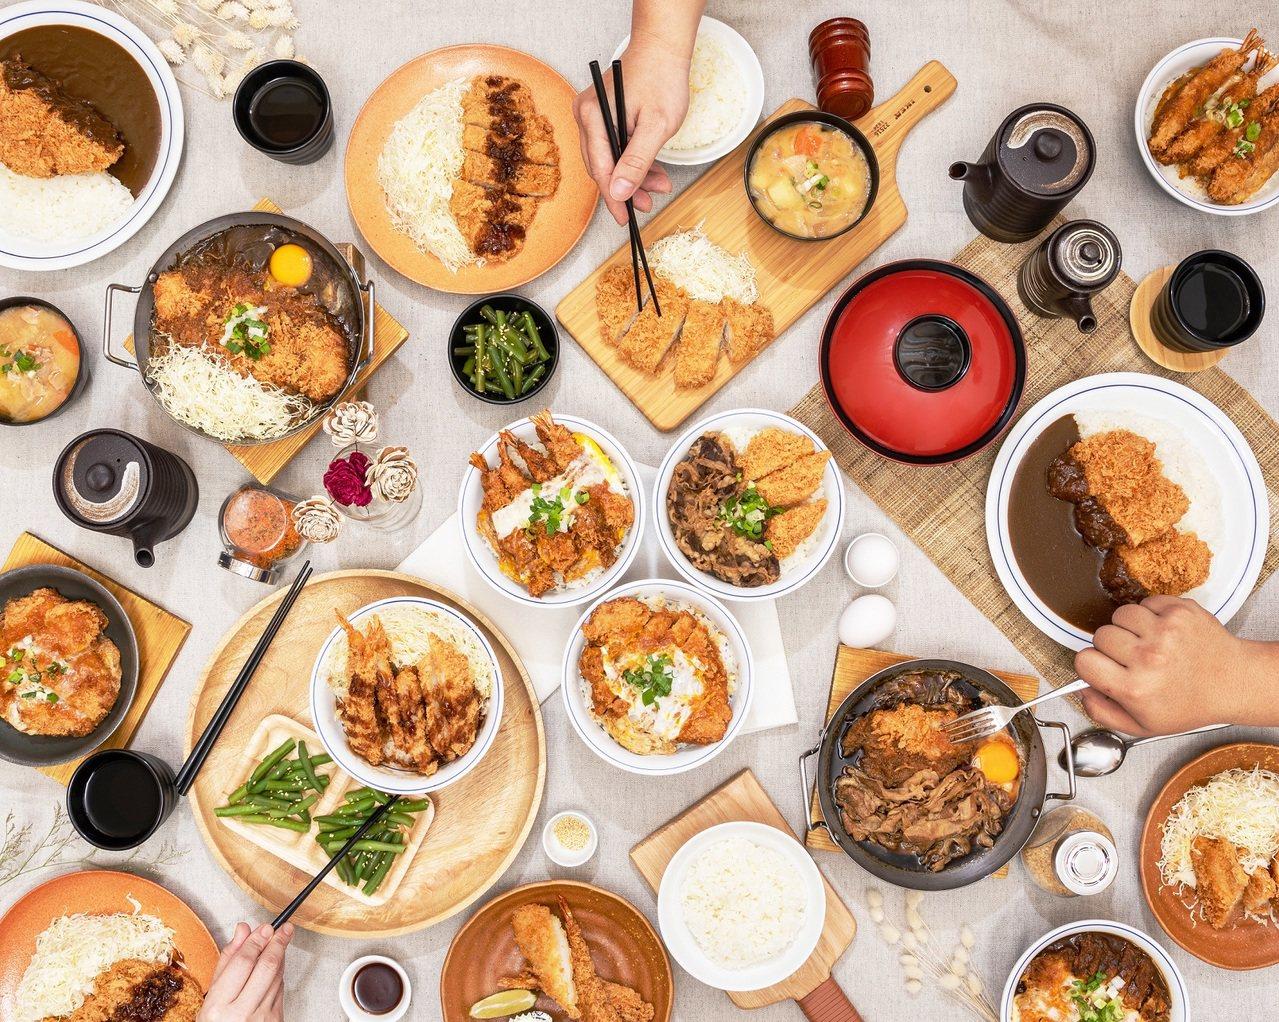 吉豚屋推出每月8日可享丼飯88折的品牌日活動。圖/吉豚屋提供